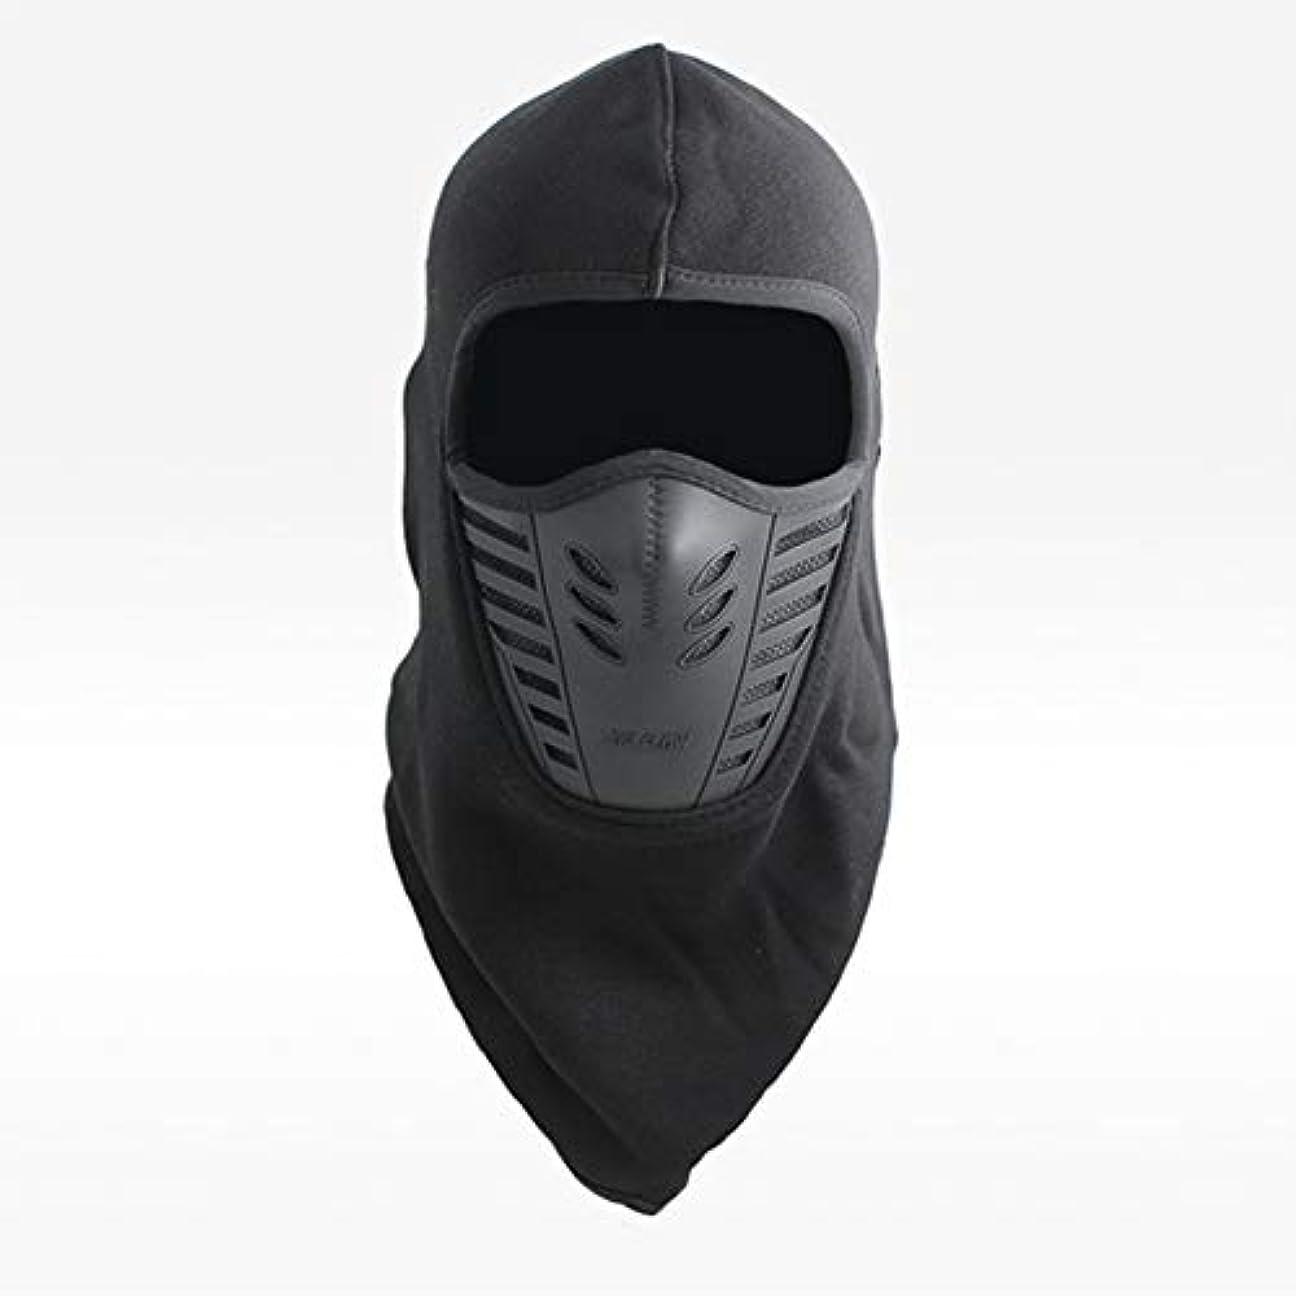 イタリアのお互い脳ACHICOO フェイスマスク 自転車 熱 冬暖かい 防風 防寒 帽子 風防 オートバイ ハットネック ヘルメットビーンズ